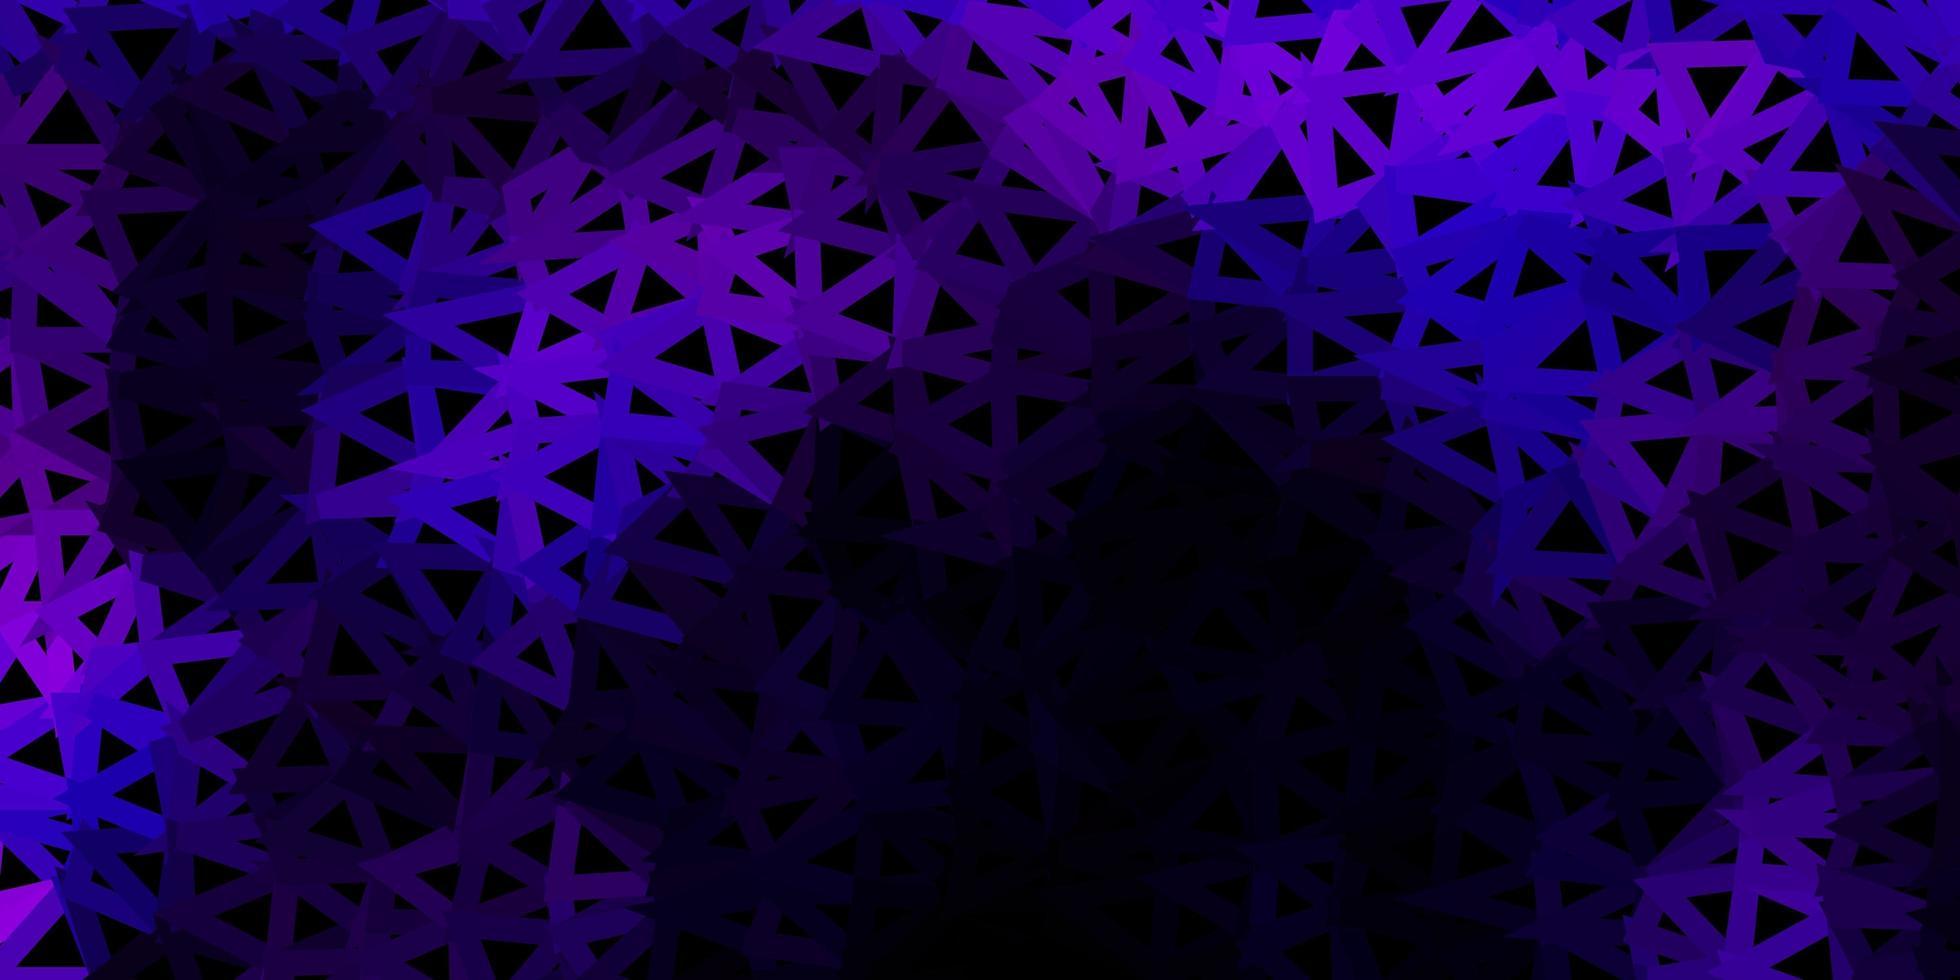 textura de triángulo de poli púrpura oscuro. vector